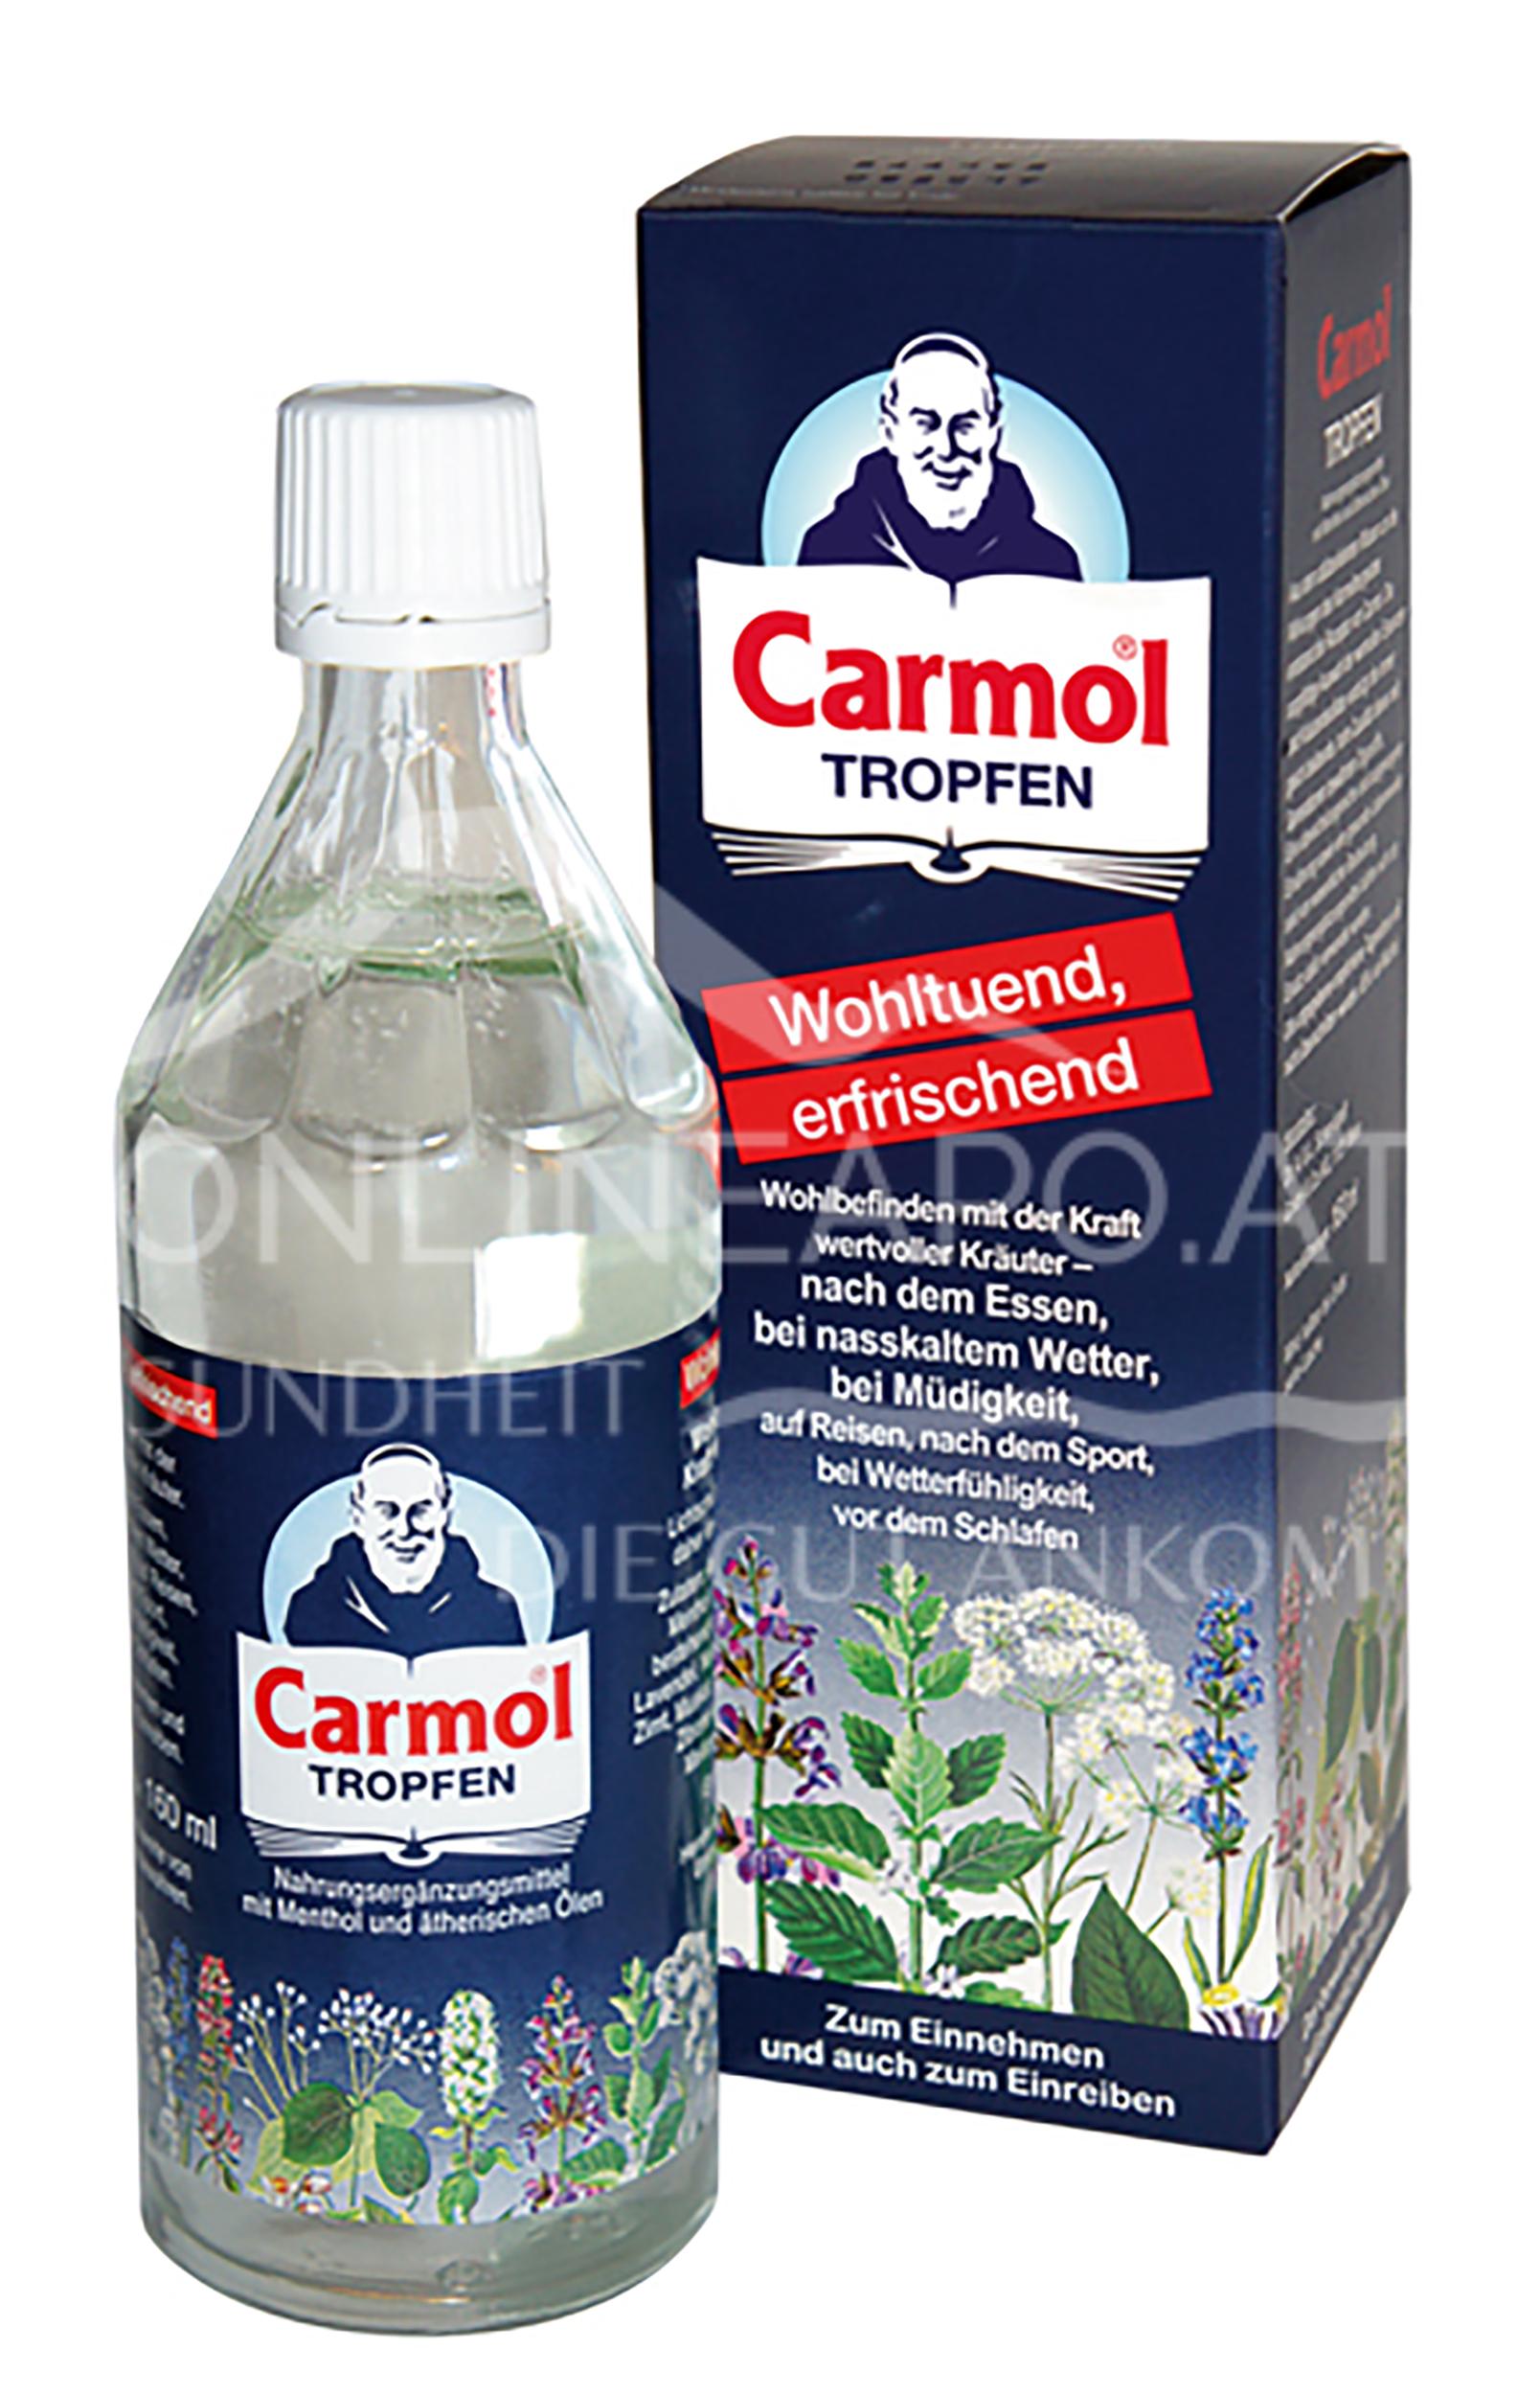 Carmol